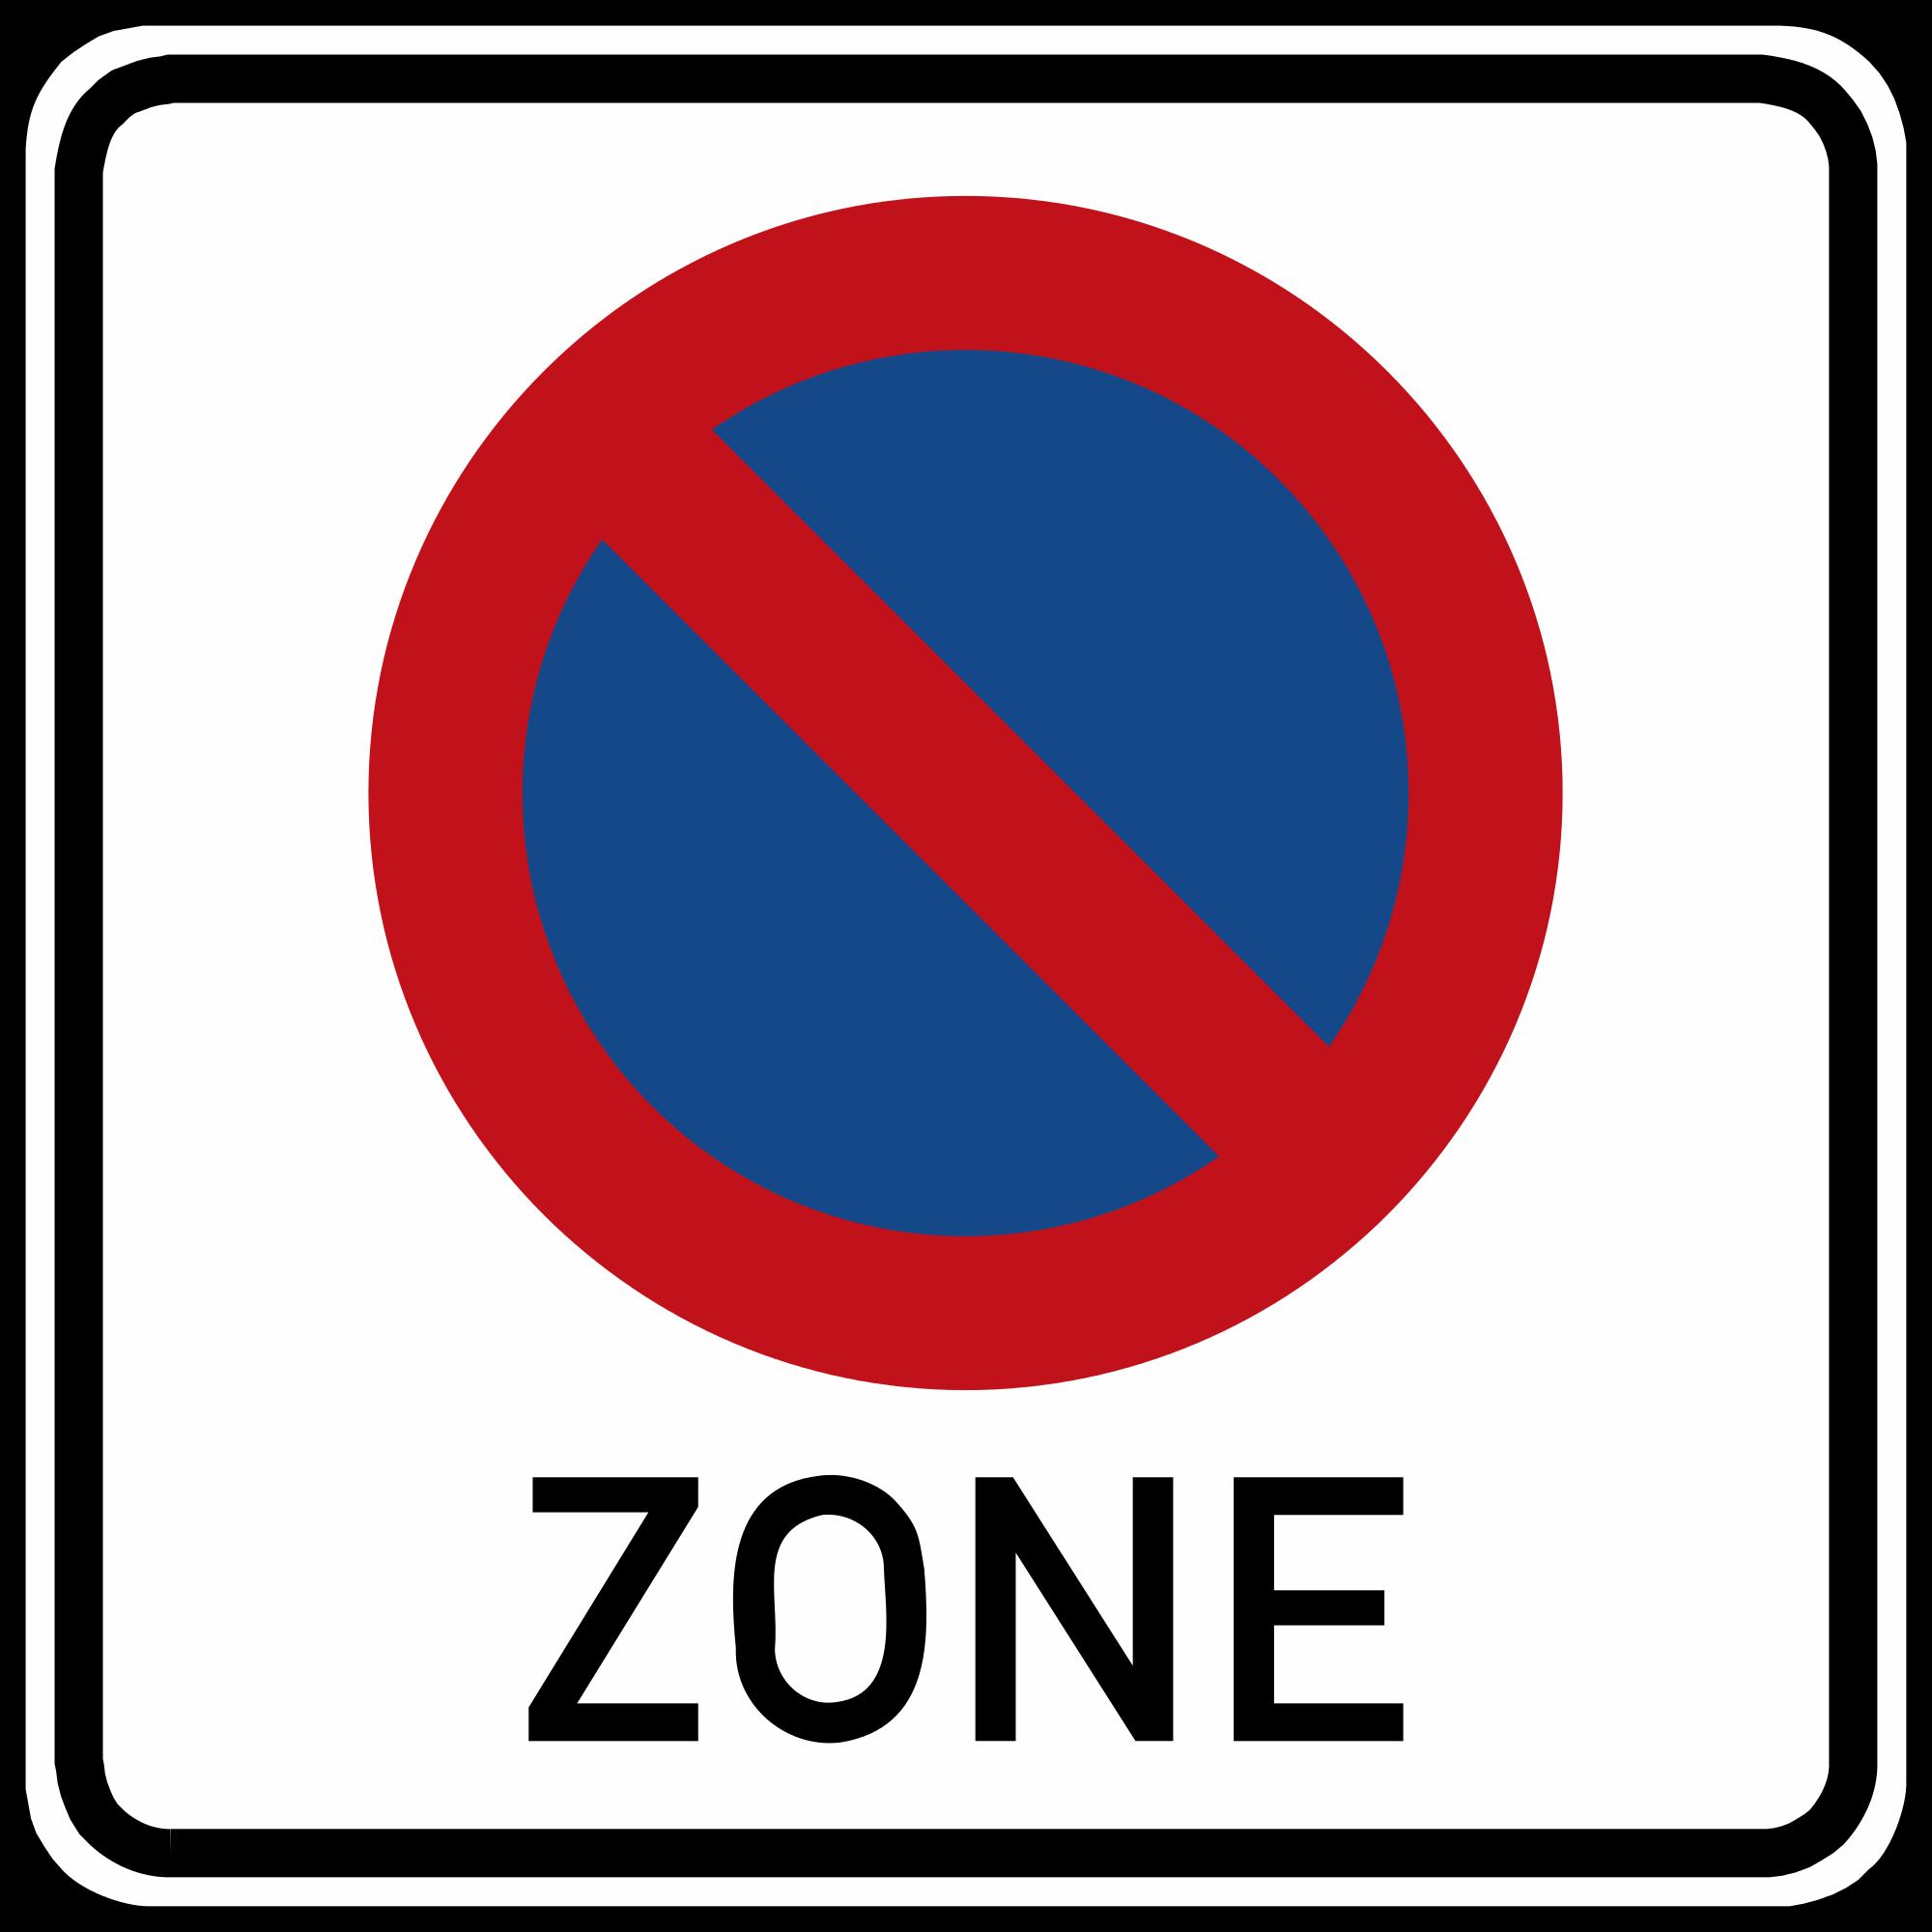 Im Interesse des Dorfbildes hat die Gemeinde Arosa den Schilderwald entfernt. An deren Stelle ist das generelle Zonenparkverbot getreten, wonach im ganzen Gemeindegebiet nur auf den signalisierten Parkfeldern parkiert werden darf.